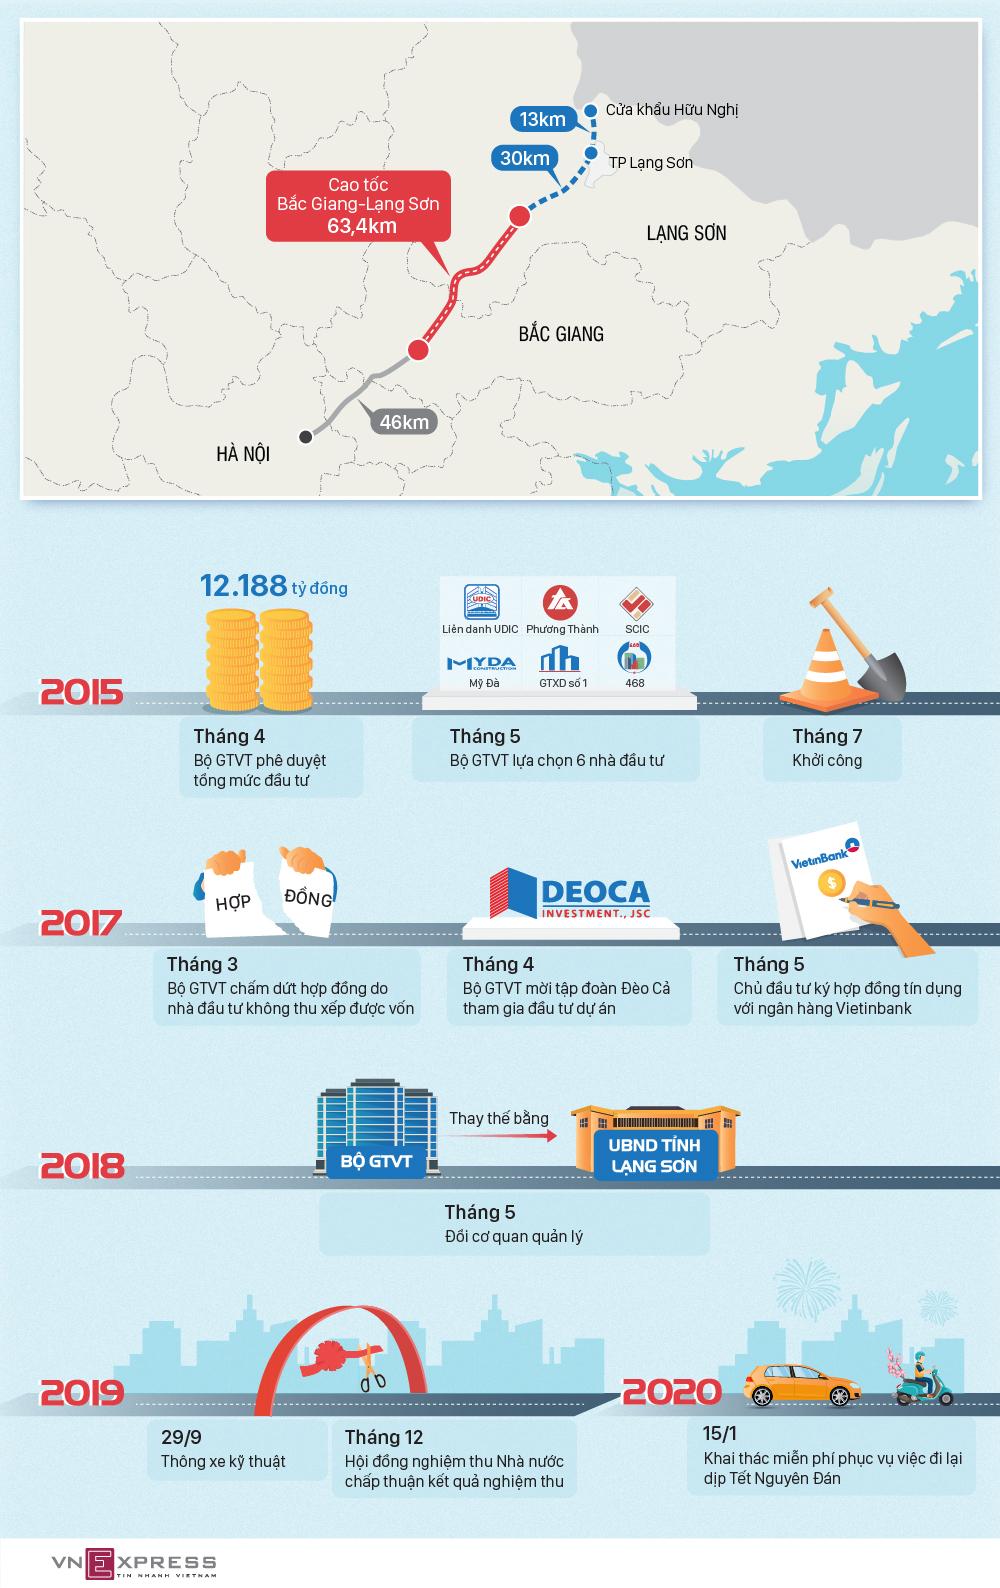 5 năm xây dựng cao tốc Bắc Giang - Lạng Sơn